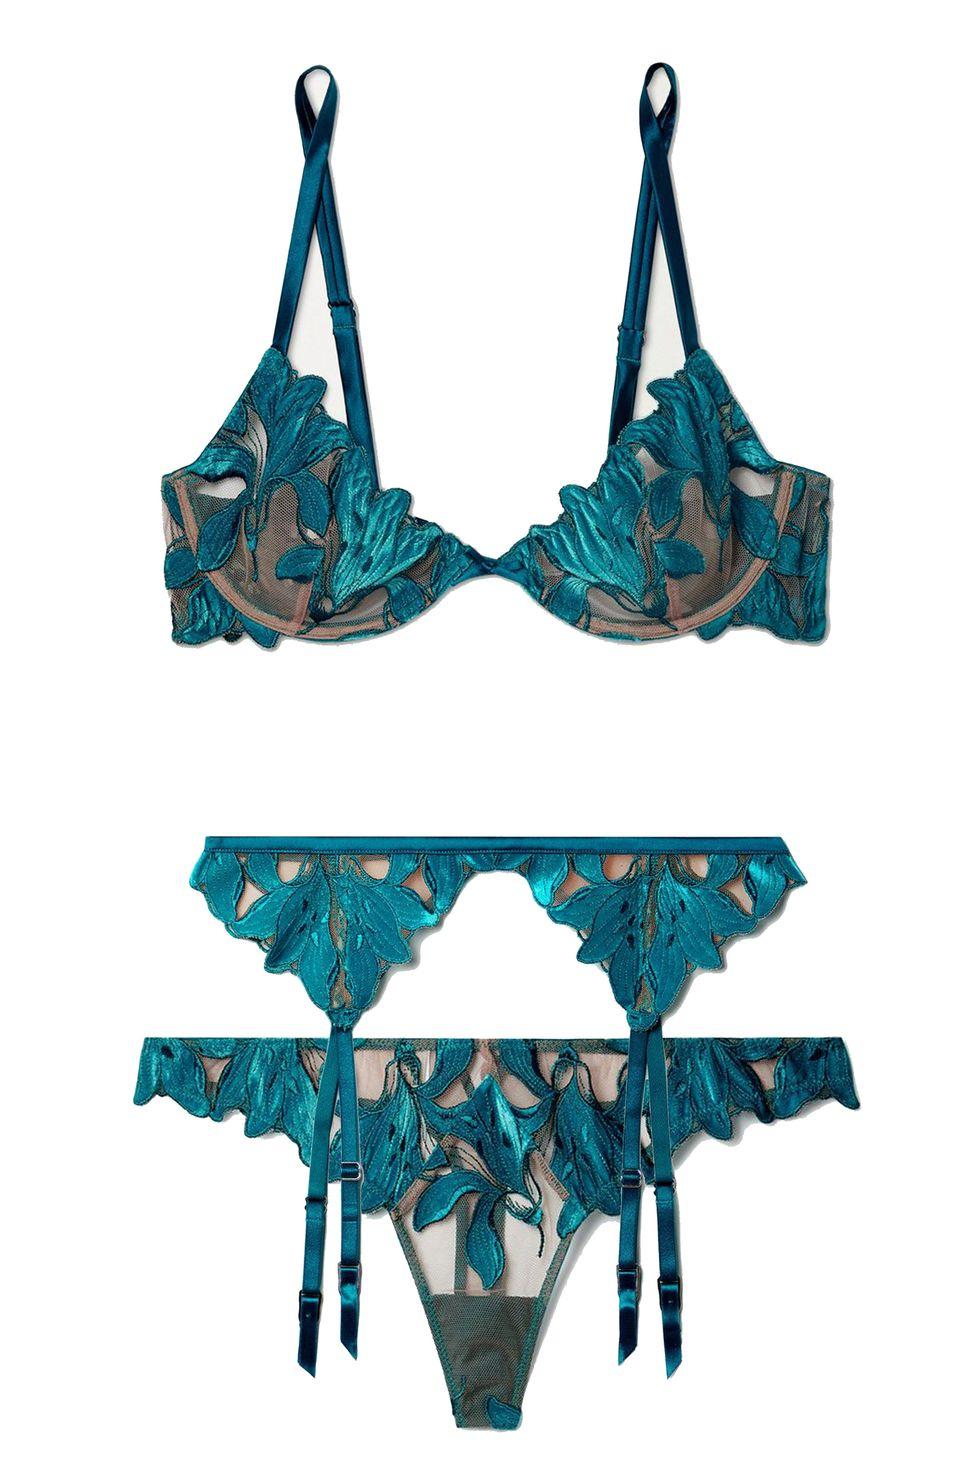 Fleur De Mal, Lily velvet-trimmed embroidered set, сутиен за 250лв, колан за жартиери за 170лв, танга за 107лв